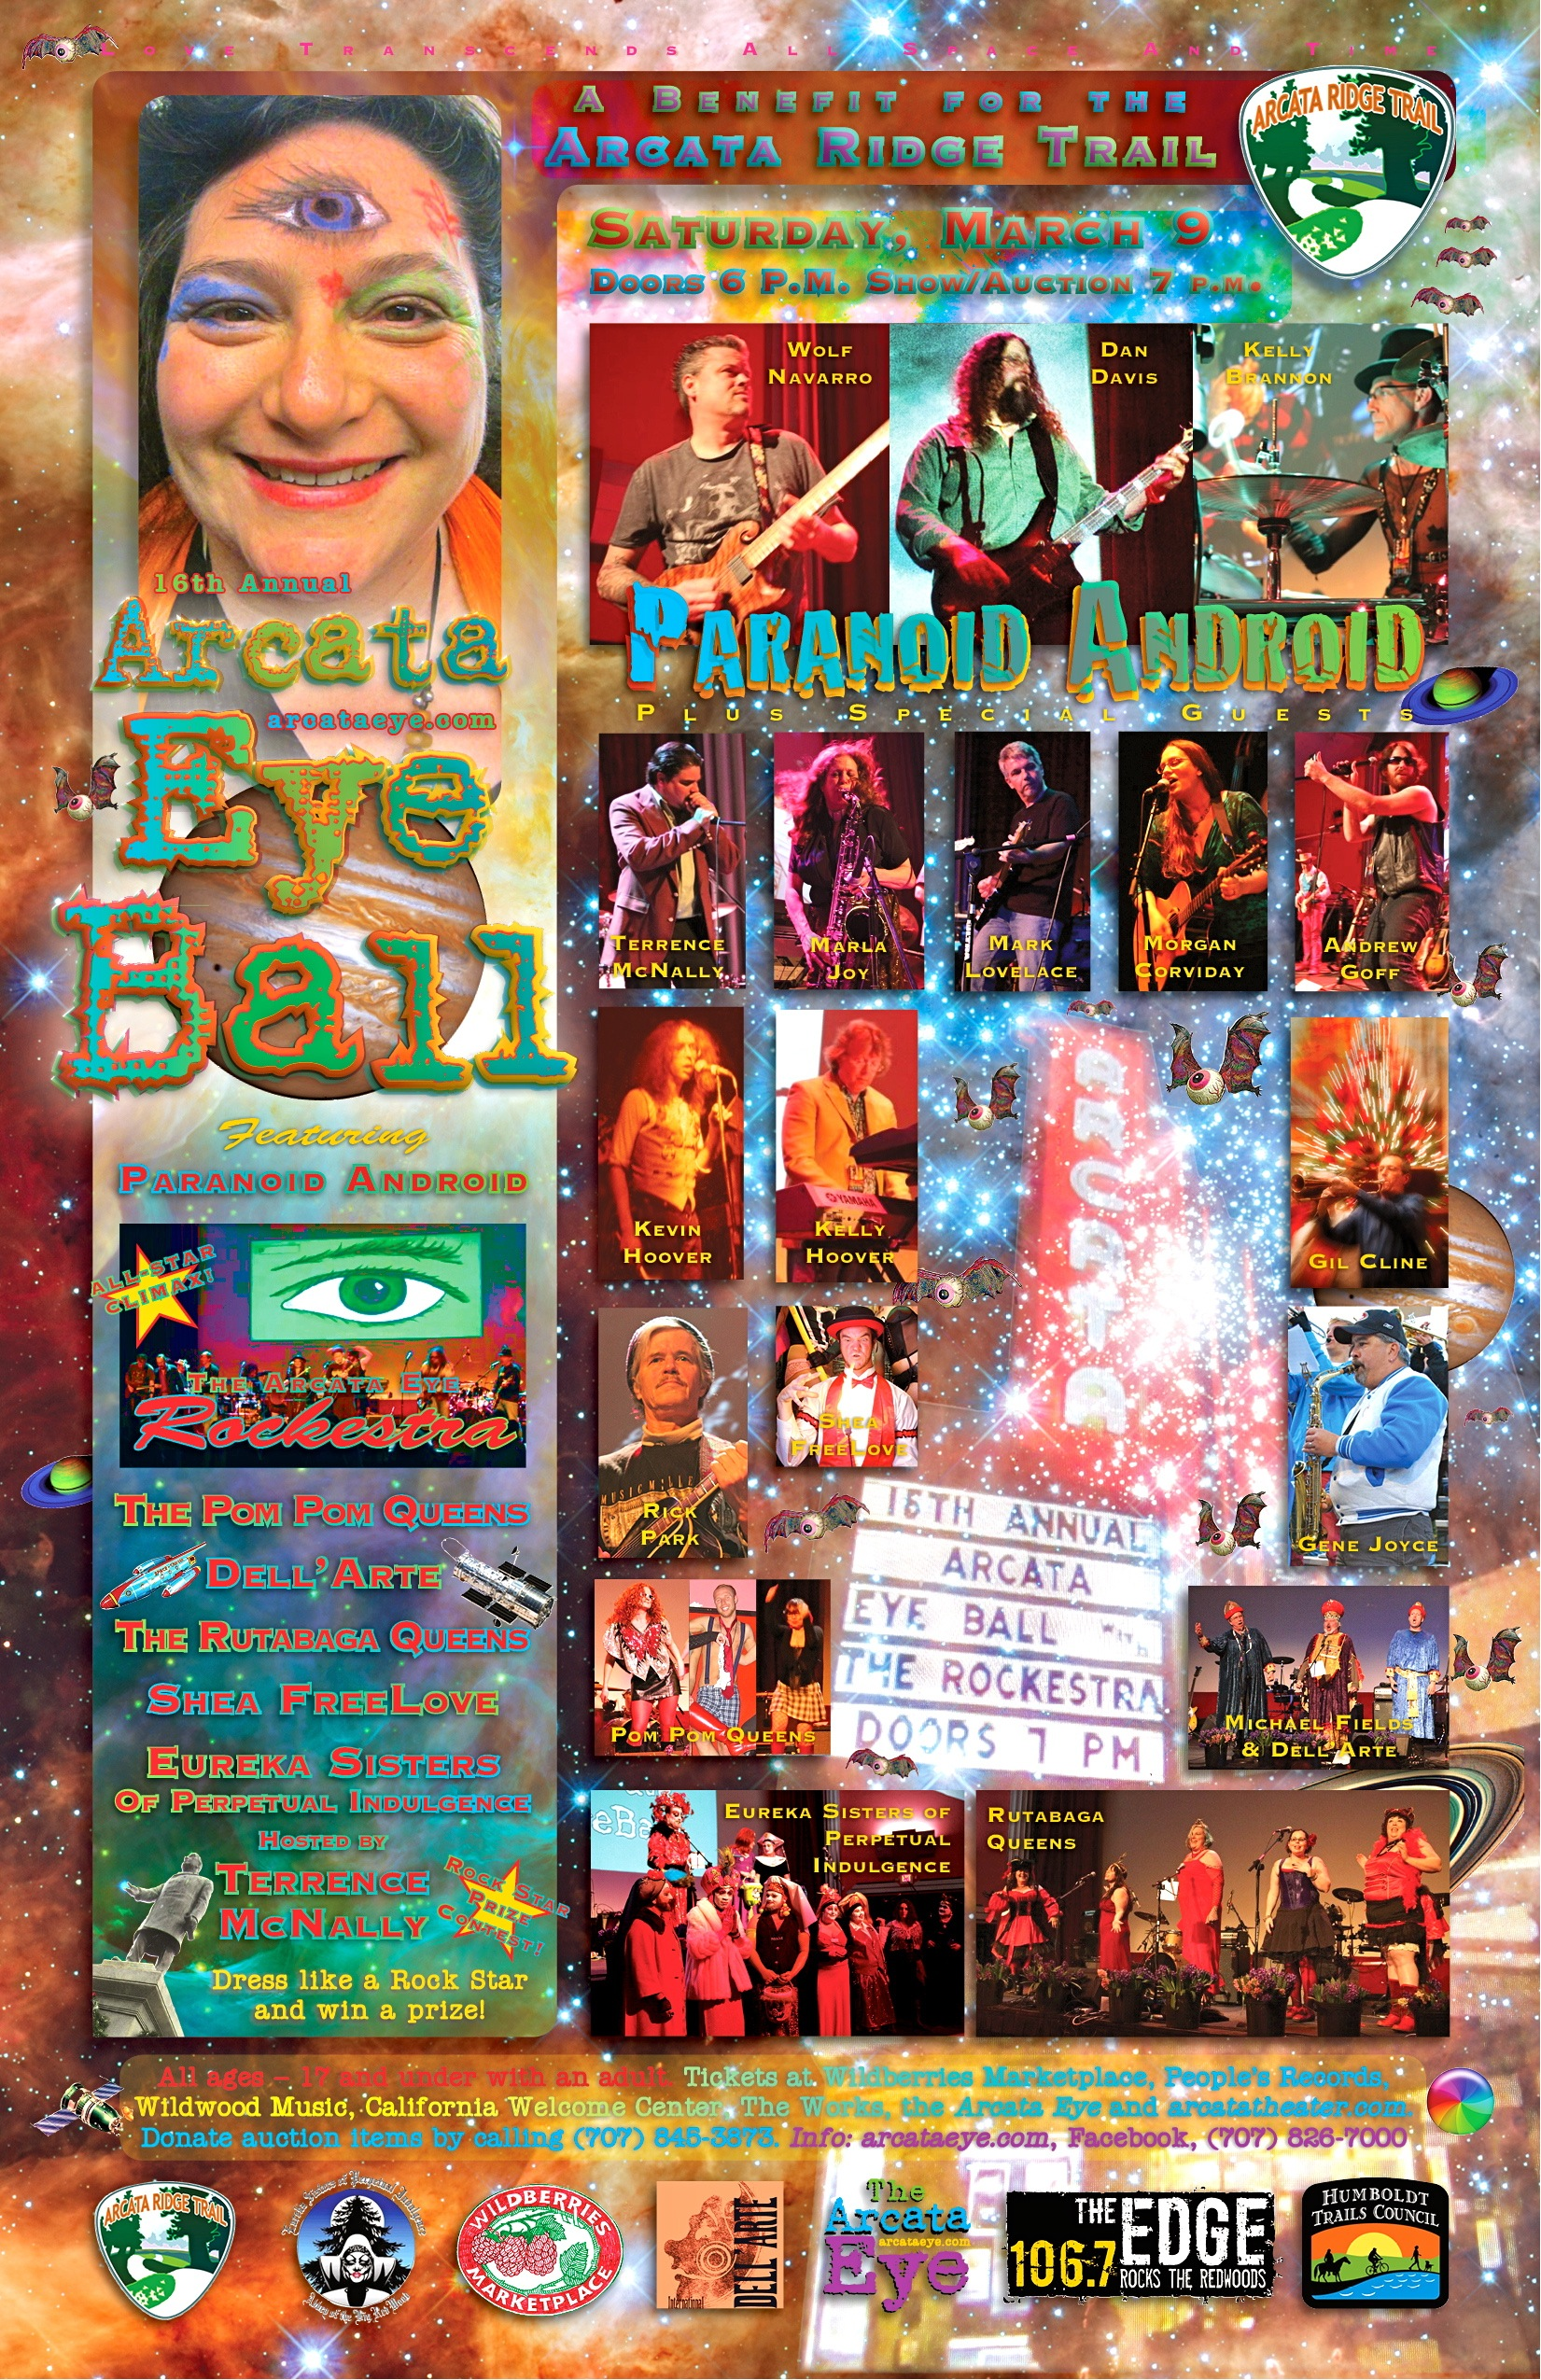 eye-balll-2013-poster_0